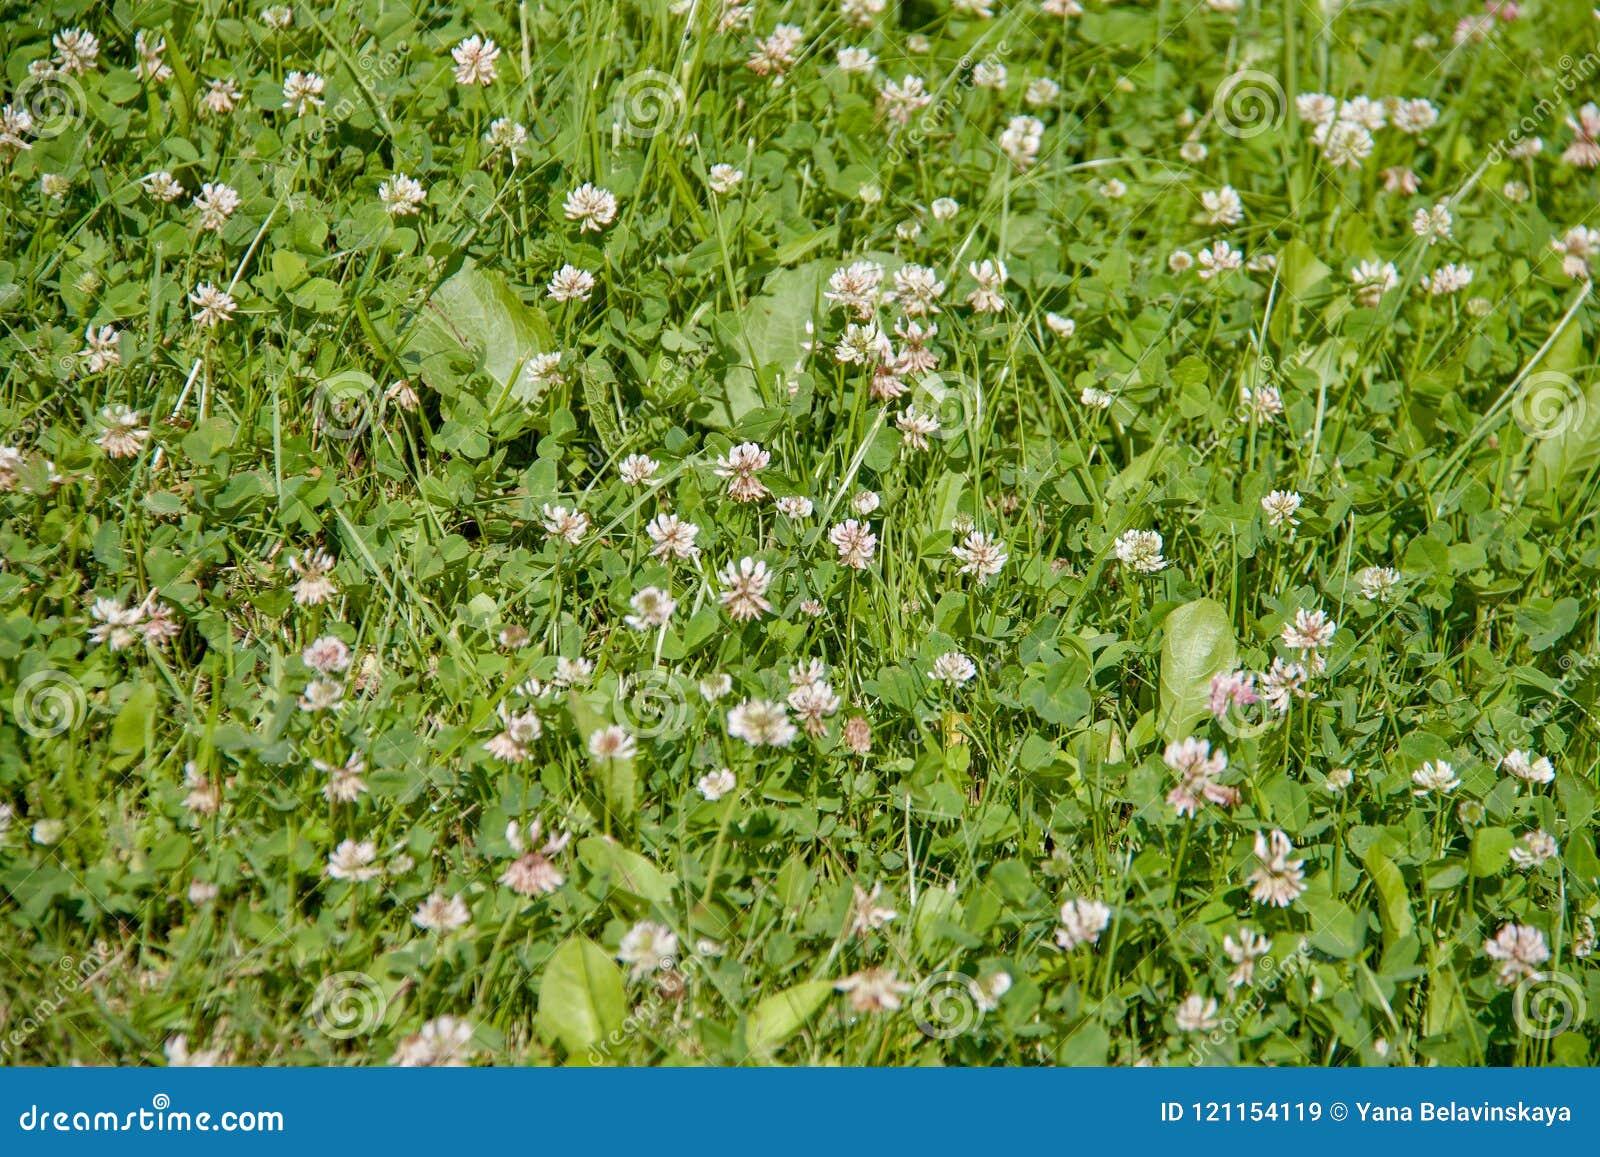 Gebiedshoogtepunt van groen gras met veel kleine witte bloemen